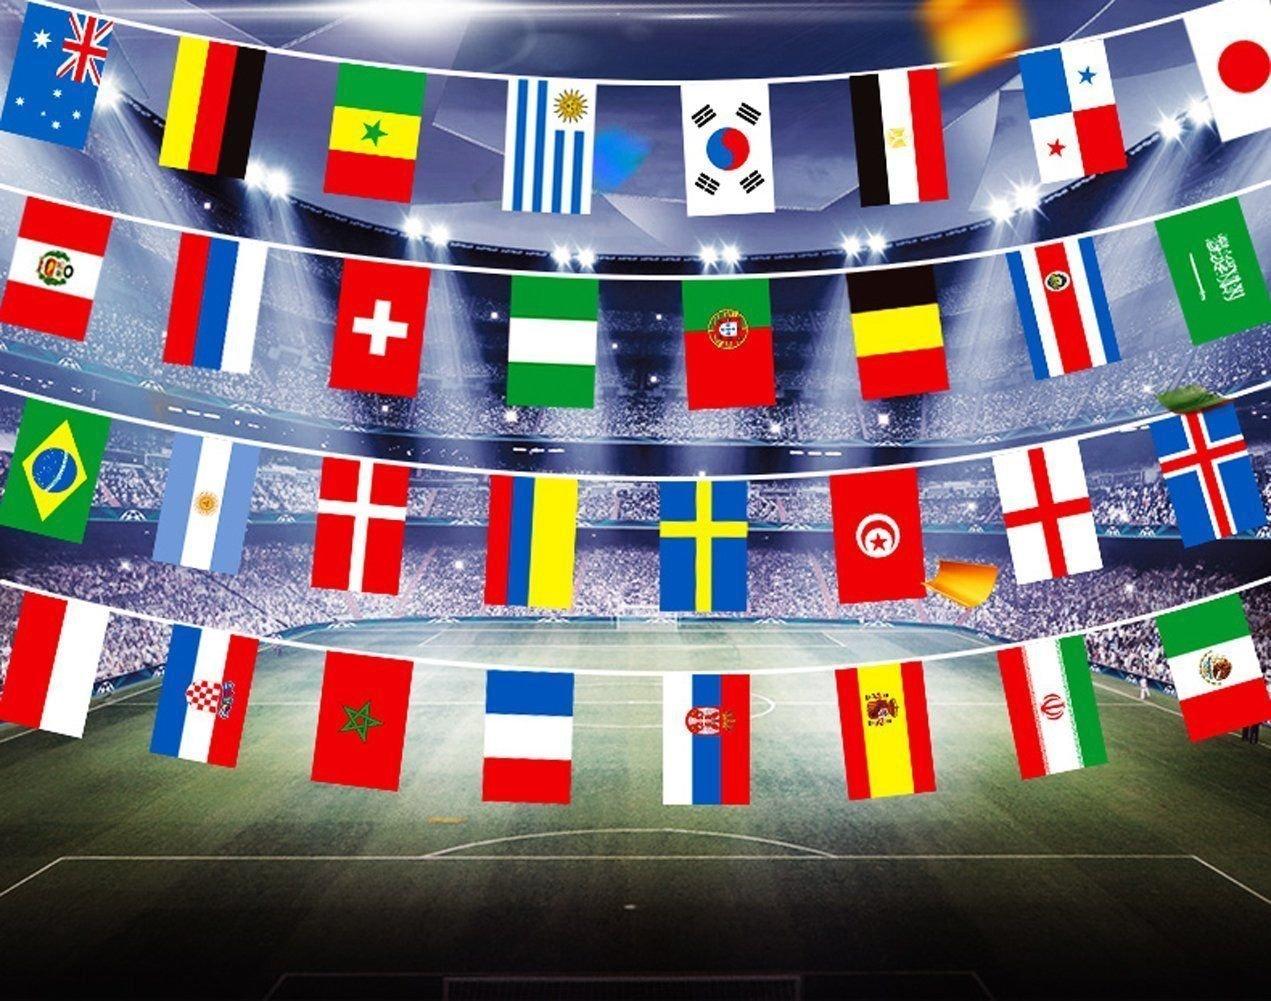 My Planet Banderines gigantes (32 banderines del mundo) de alta calidad con banderines grandes extra grandes de 12 metros para decoración de fiestas: ...